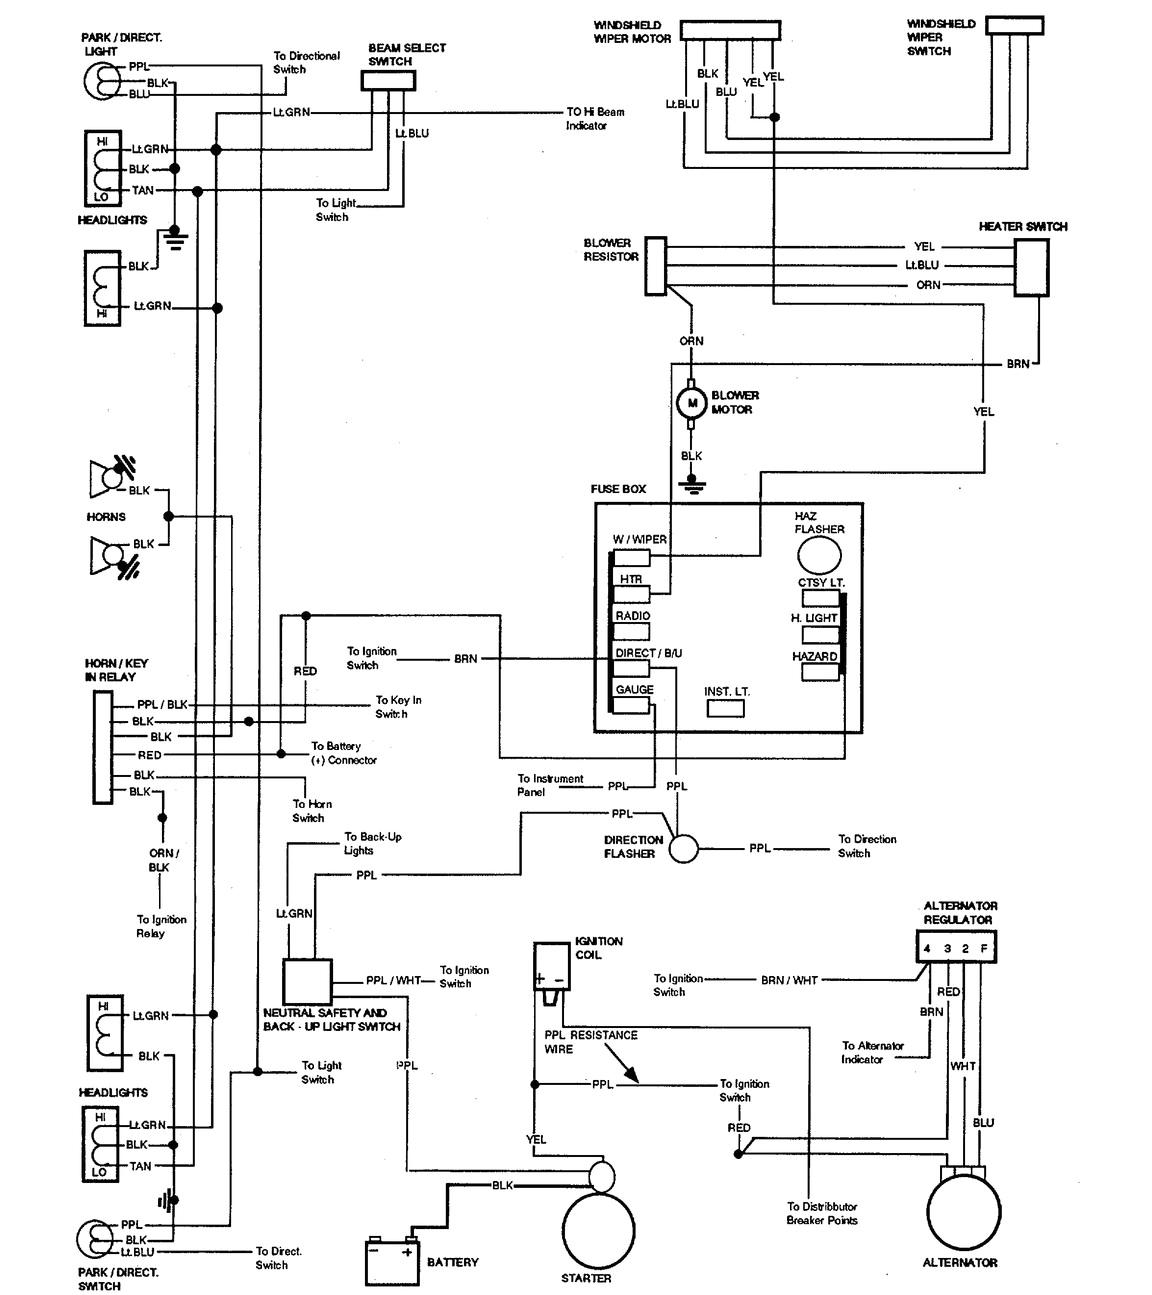 ss chevelle dash wiring diagram 7 wiring diagram schemaengine wiring 1967 chevelle reference cd wiring diagram